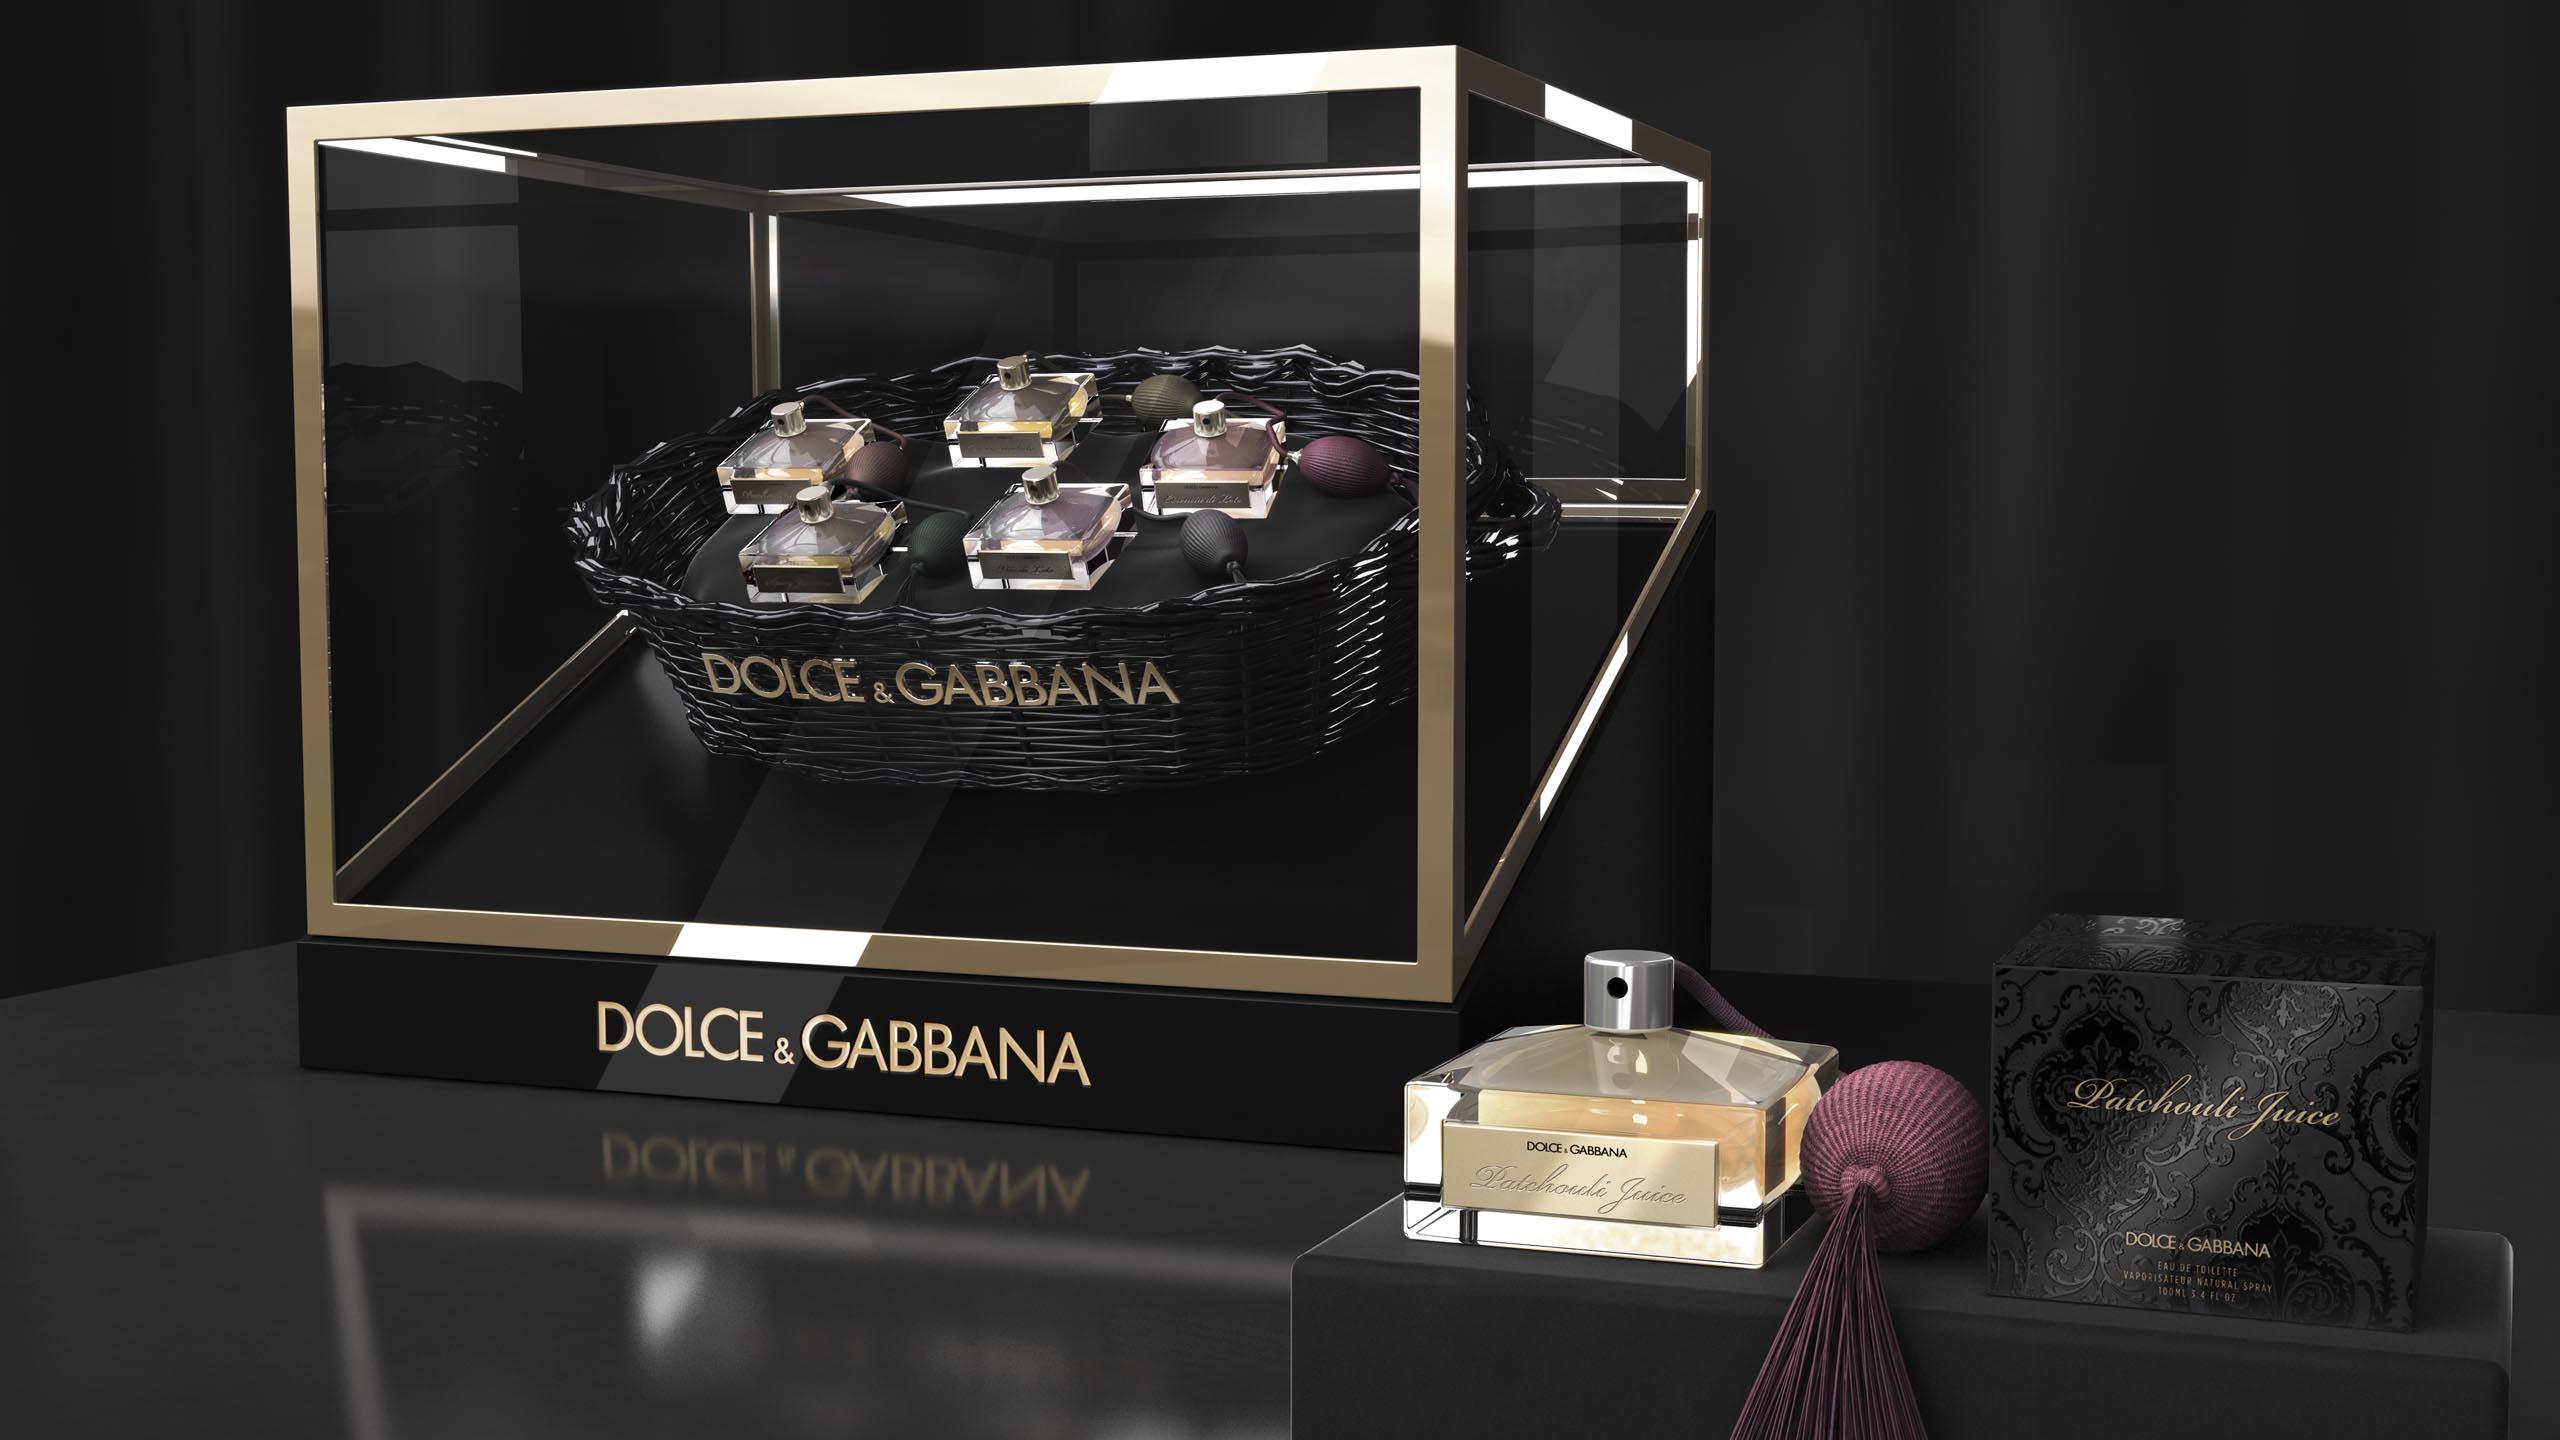 luxury branding for Dolce & Gabbana's limited Velvet Collection